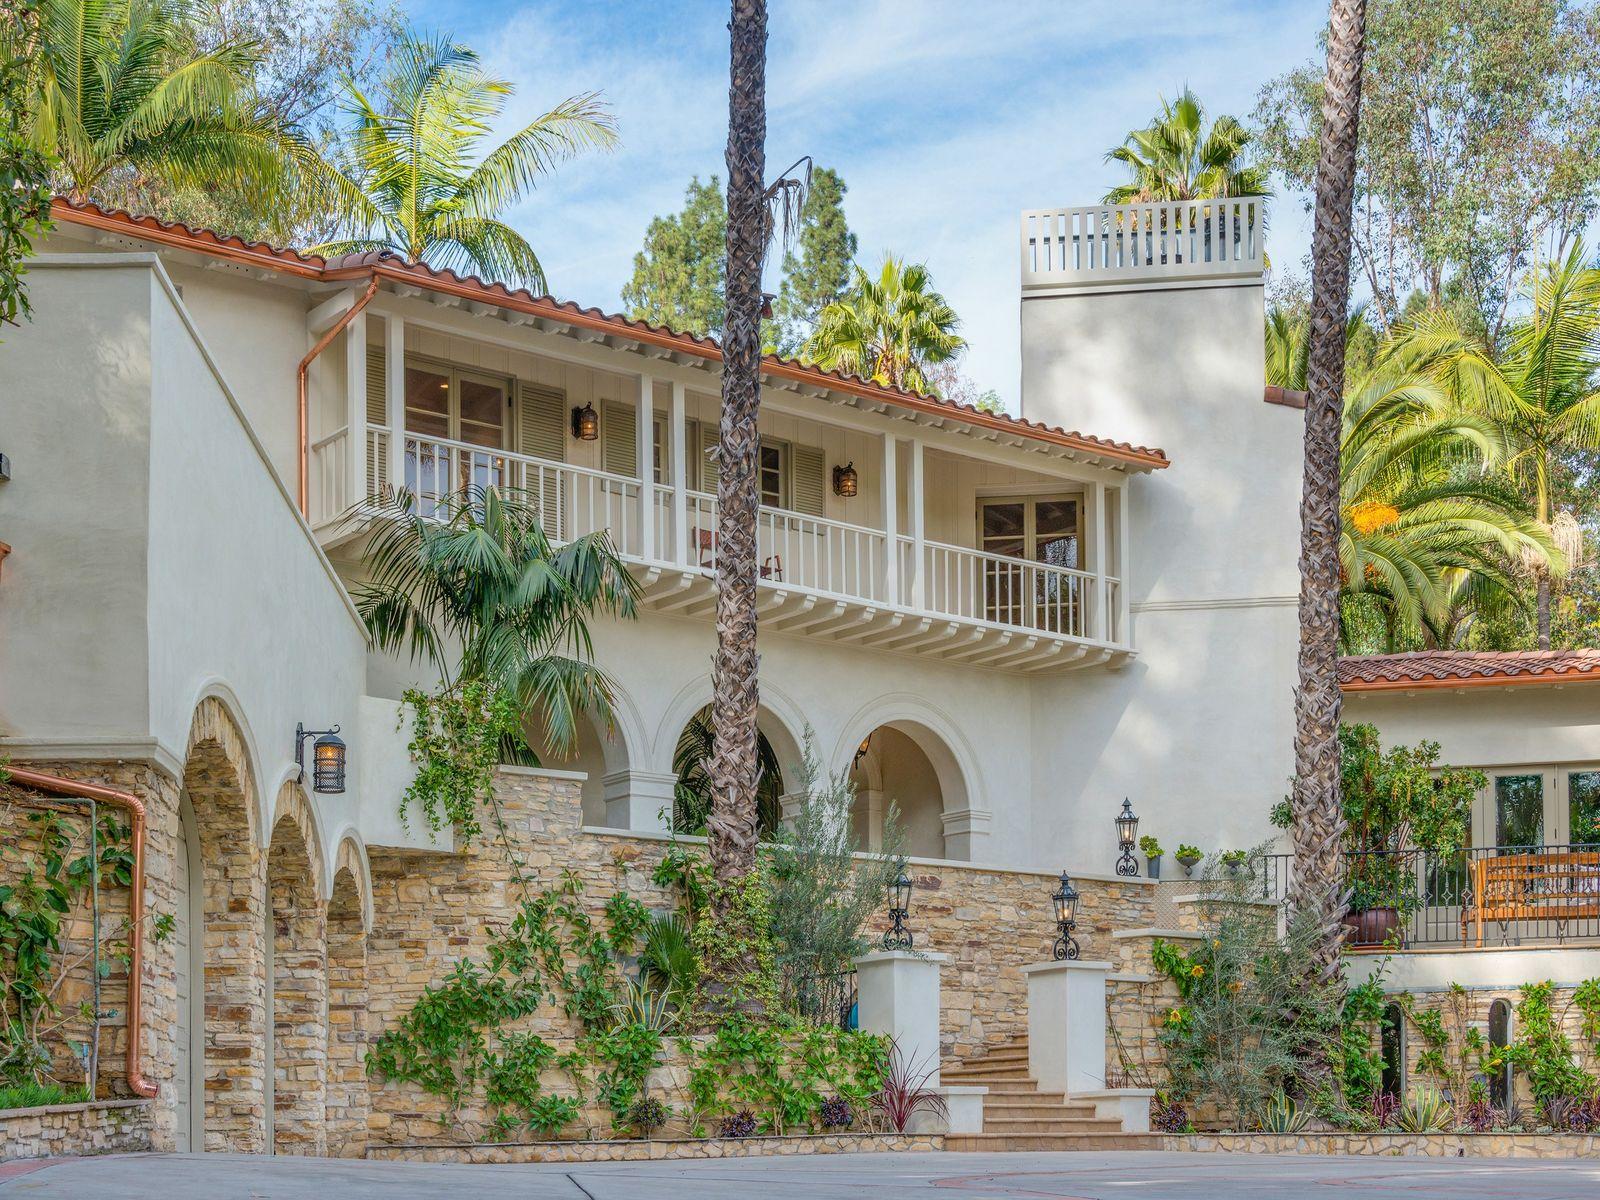 Villa Andalusia